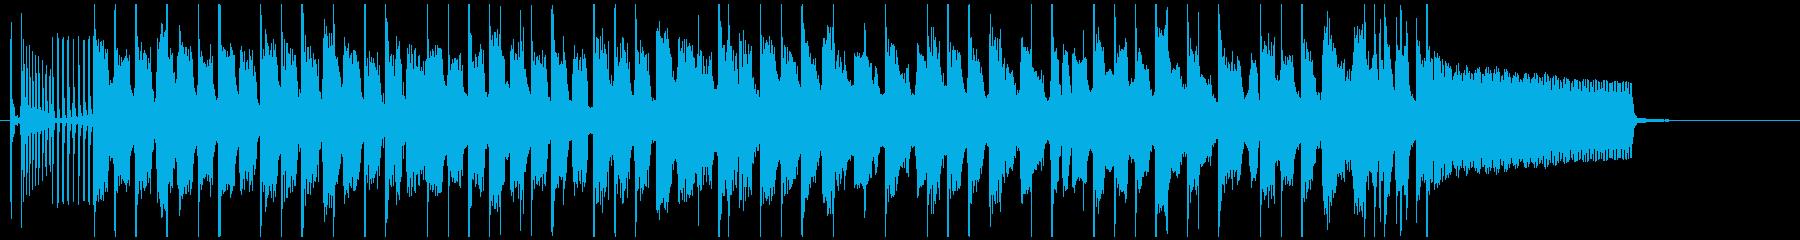 オシャレで海外ドラマっぽい日常曲の再生済みの波形